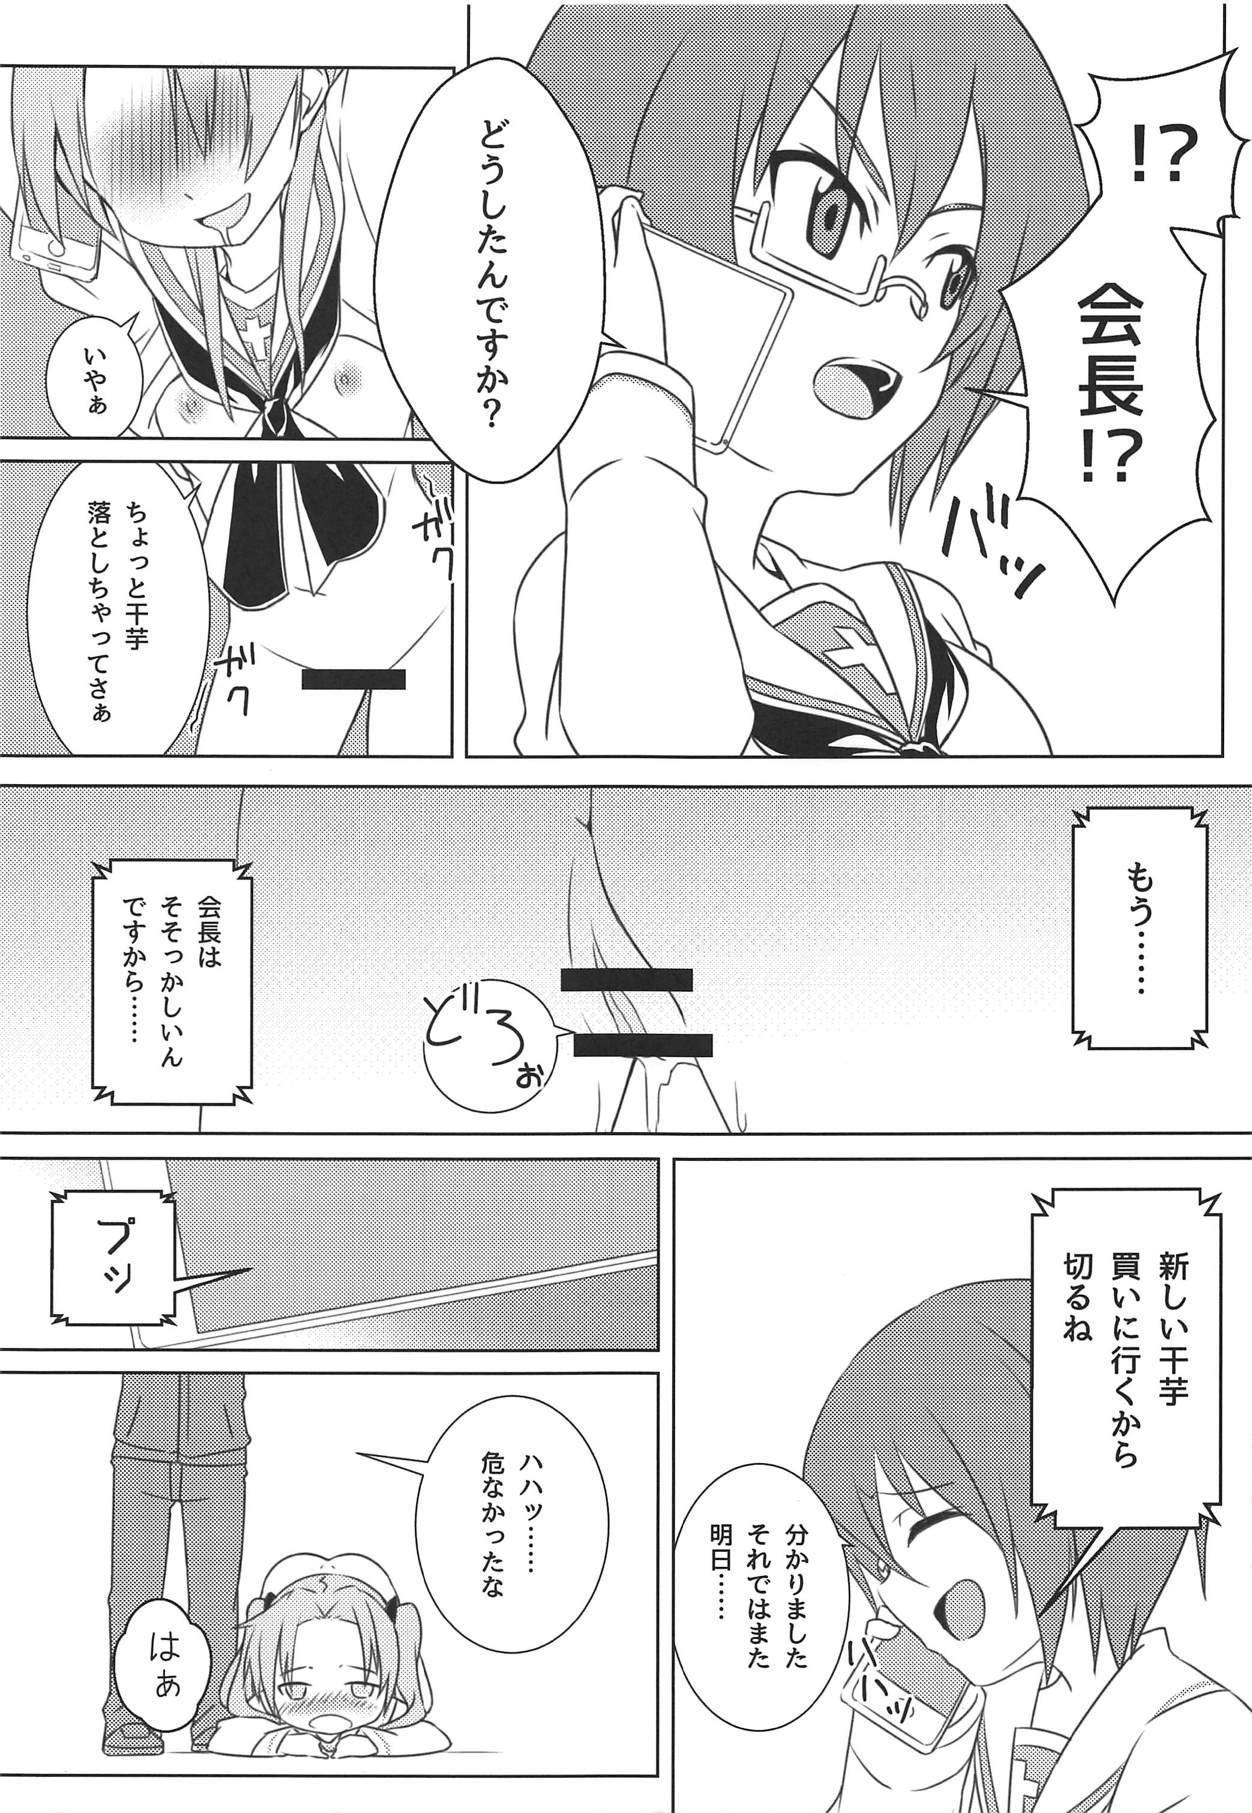 Kaichou no Shiseikatsu 9